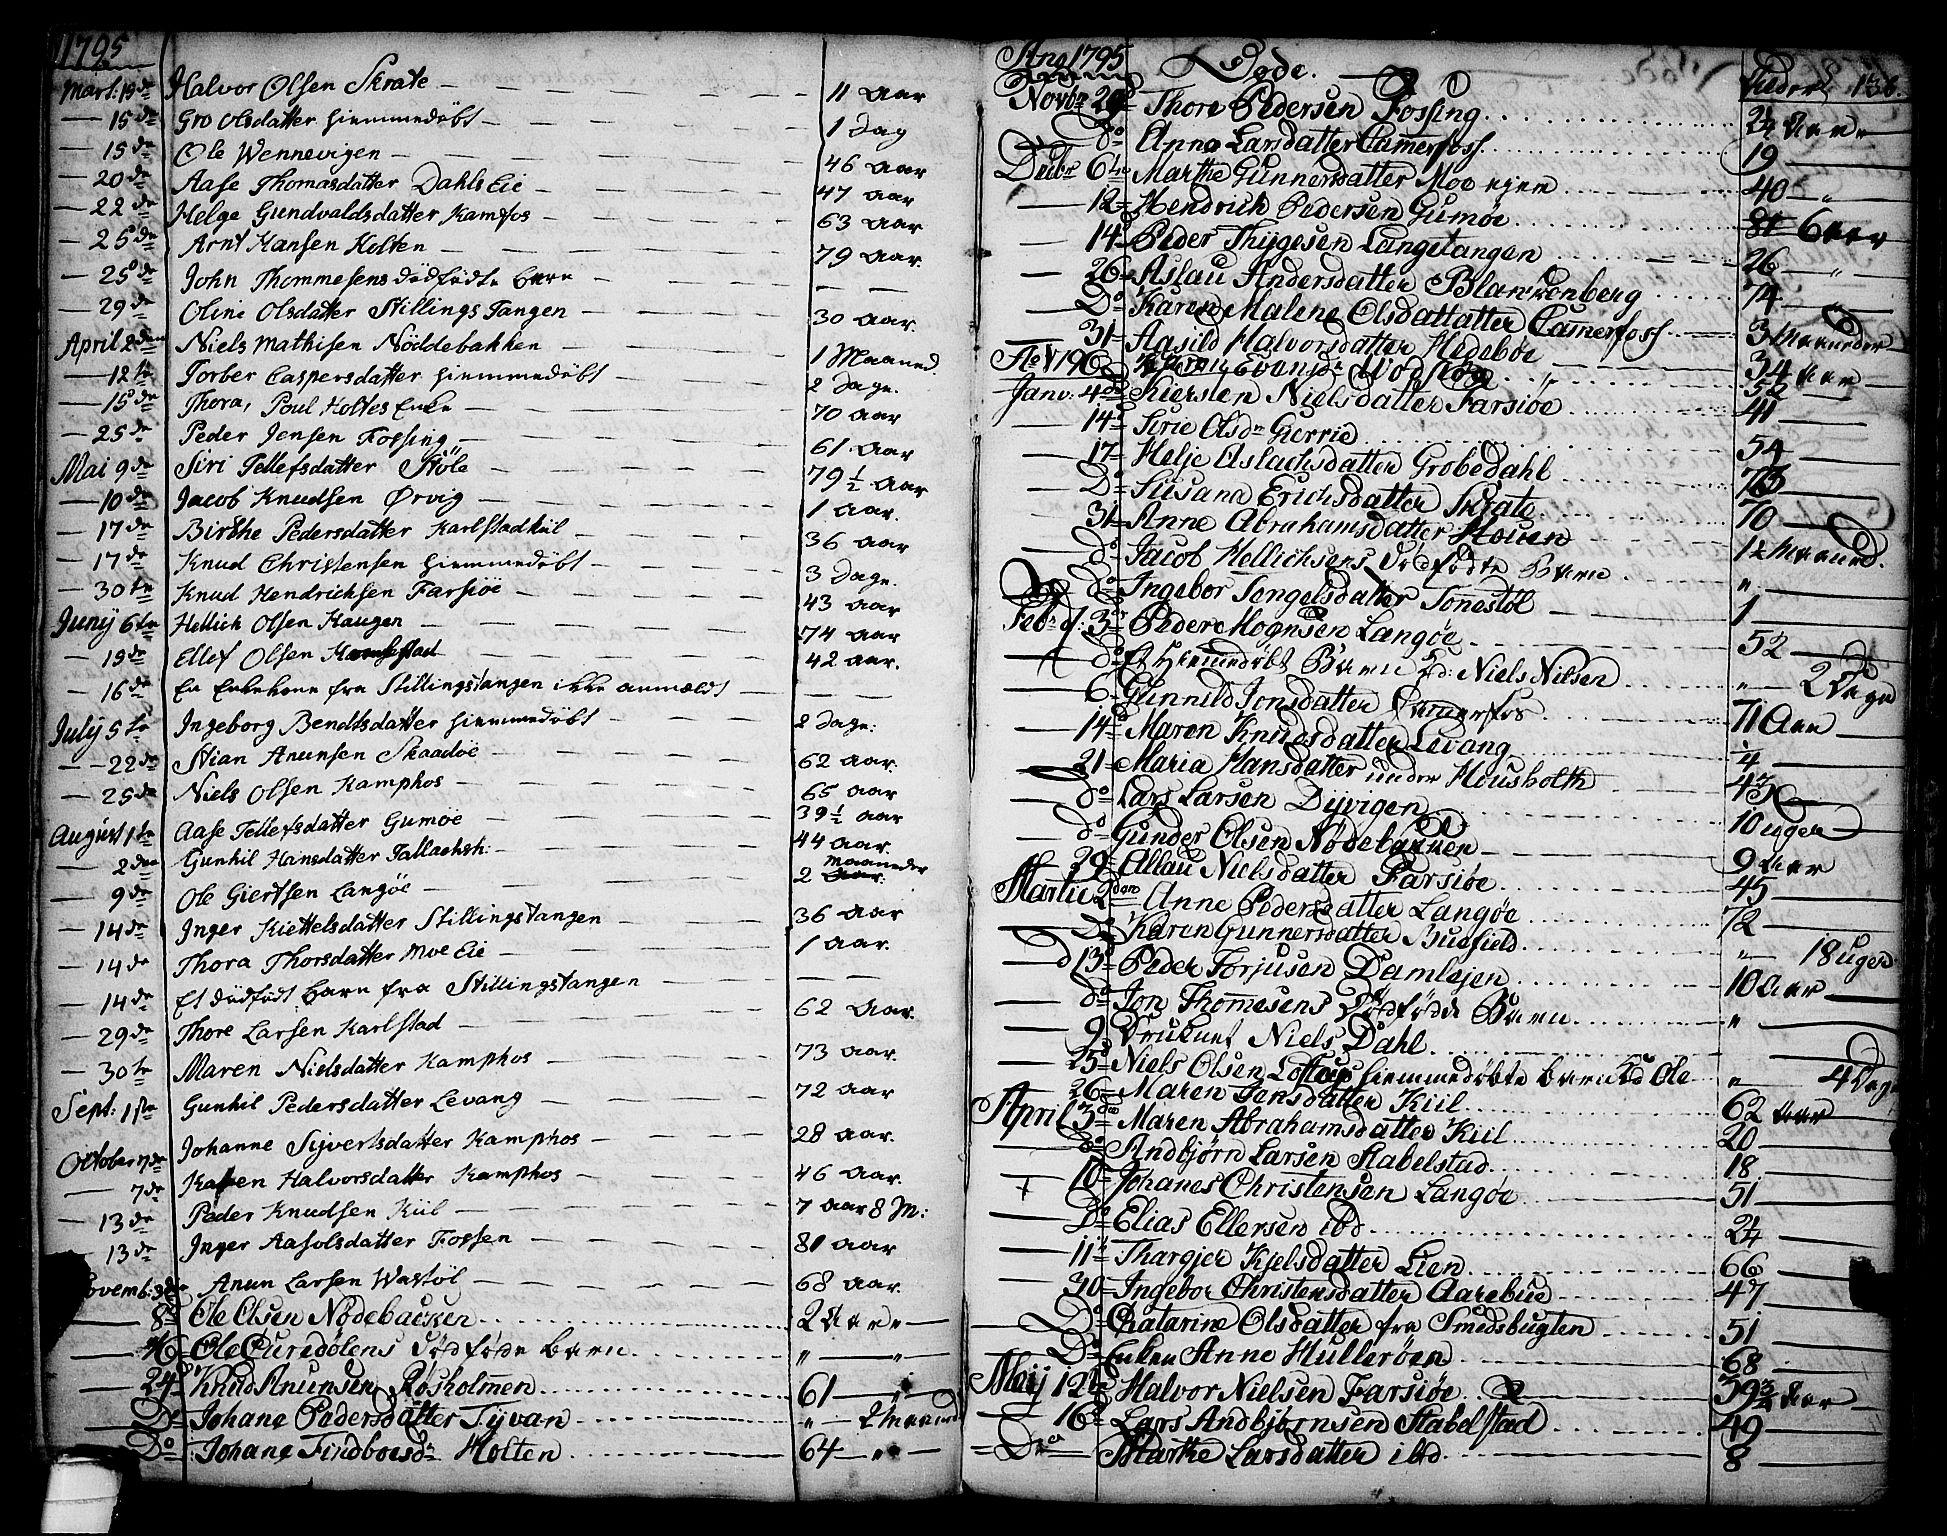 SAKO, Sannidal kirkebøker, F/Fa/L0002: Ministerialbok nr. 2, 1767-1802, s. 136